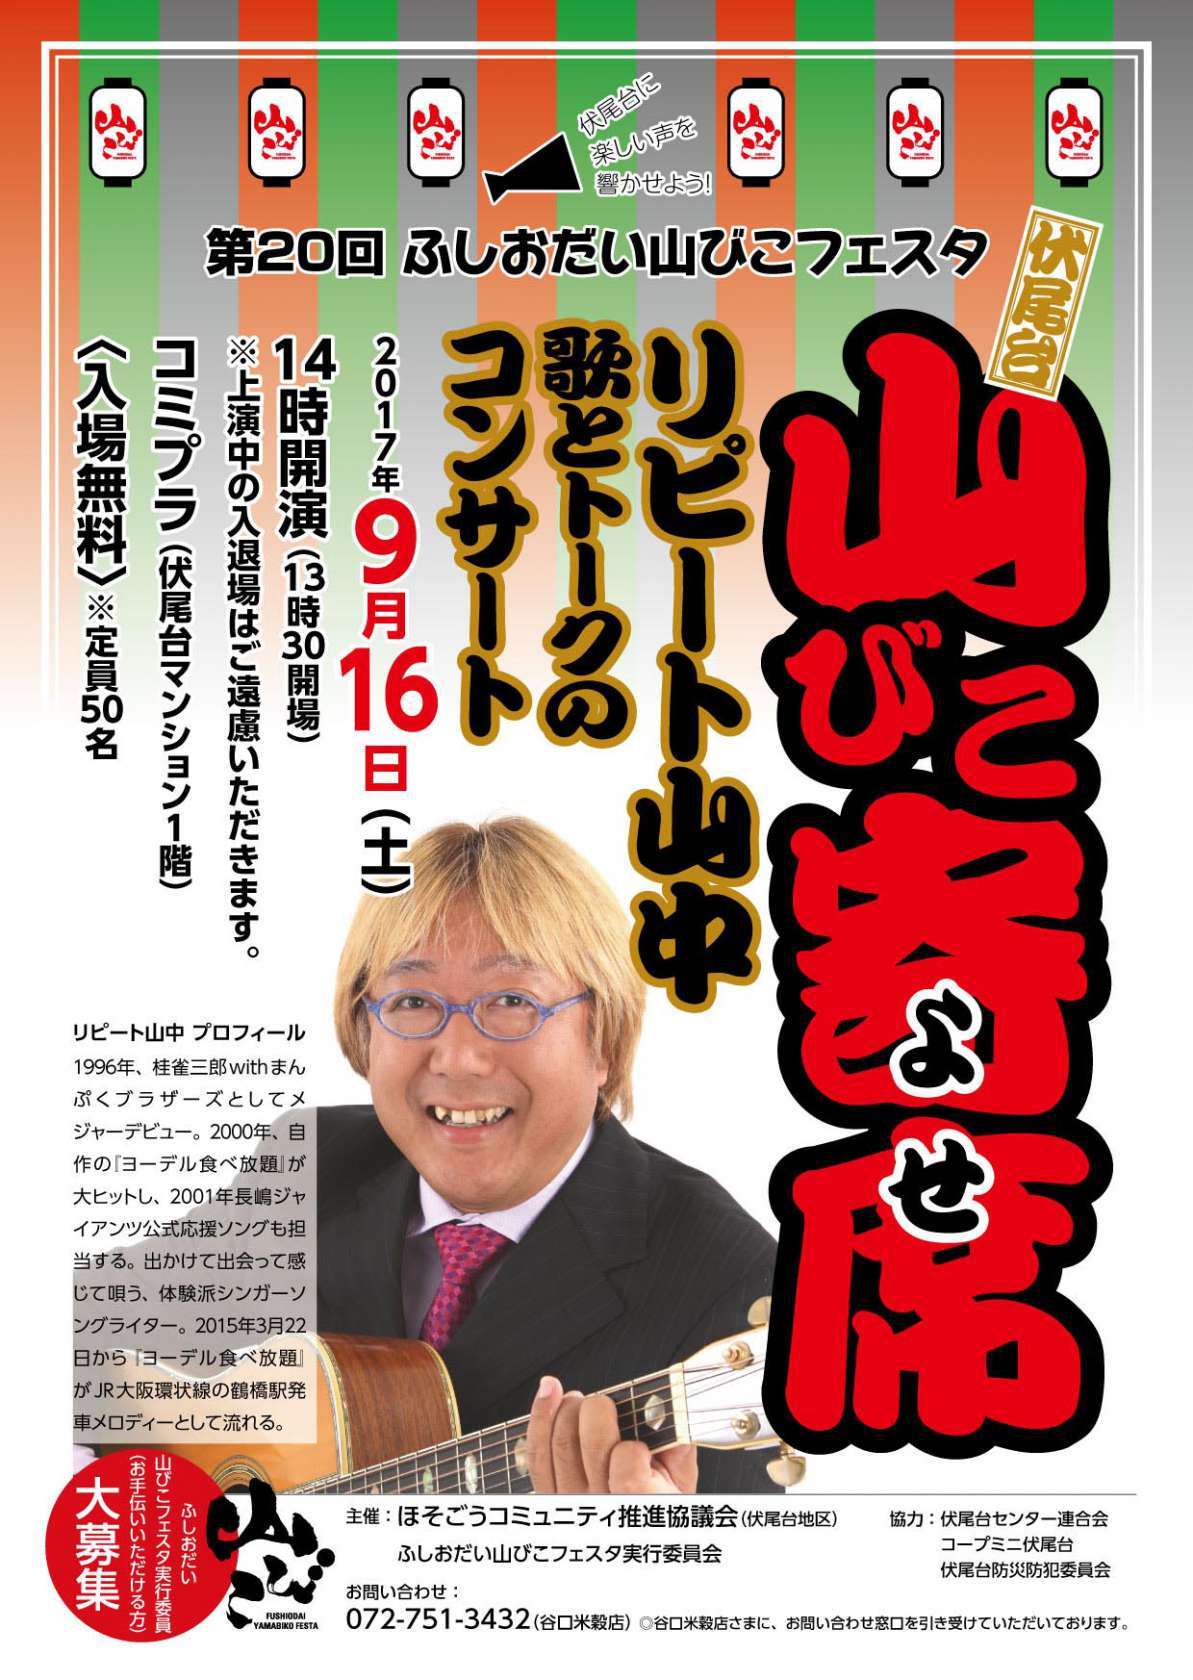 第20回 ふしおだい山びこフェスタ「山びこ寄席」開催!